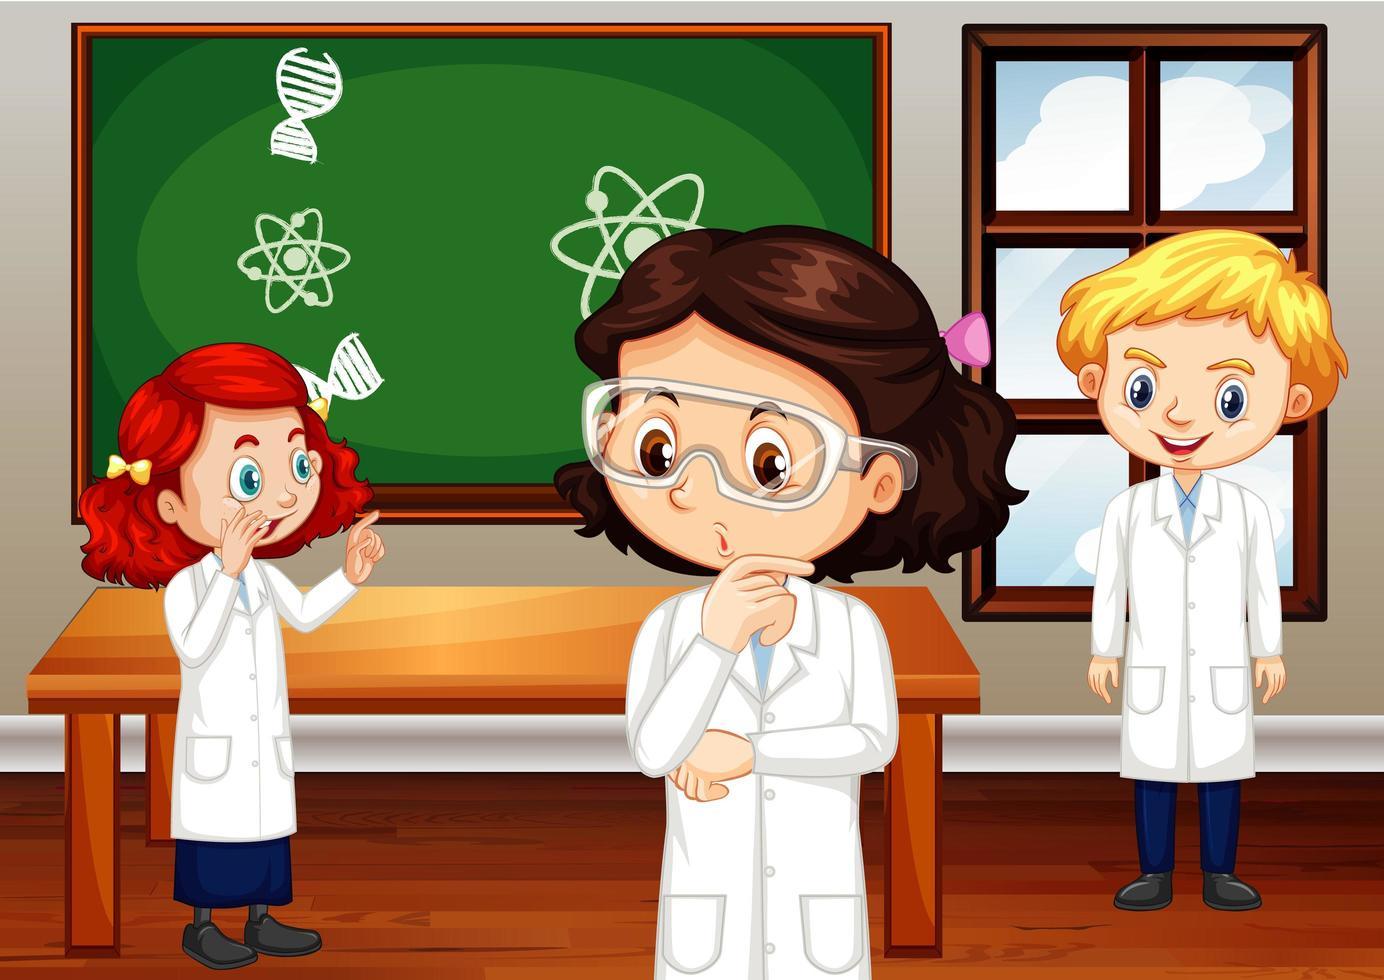 estudiantes en bata de ciencia de pie en el aula vector